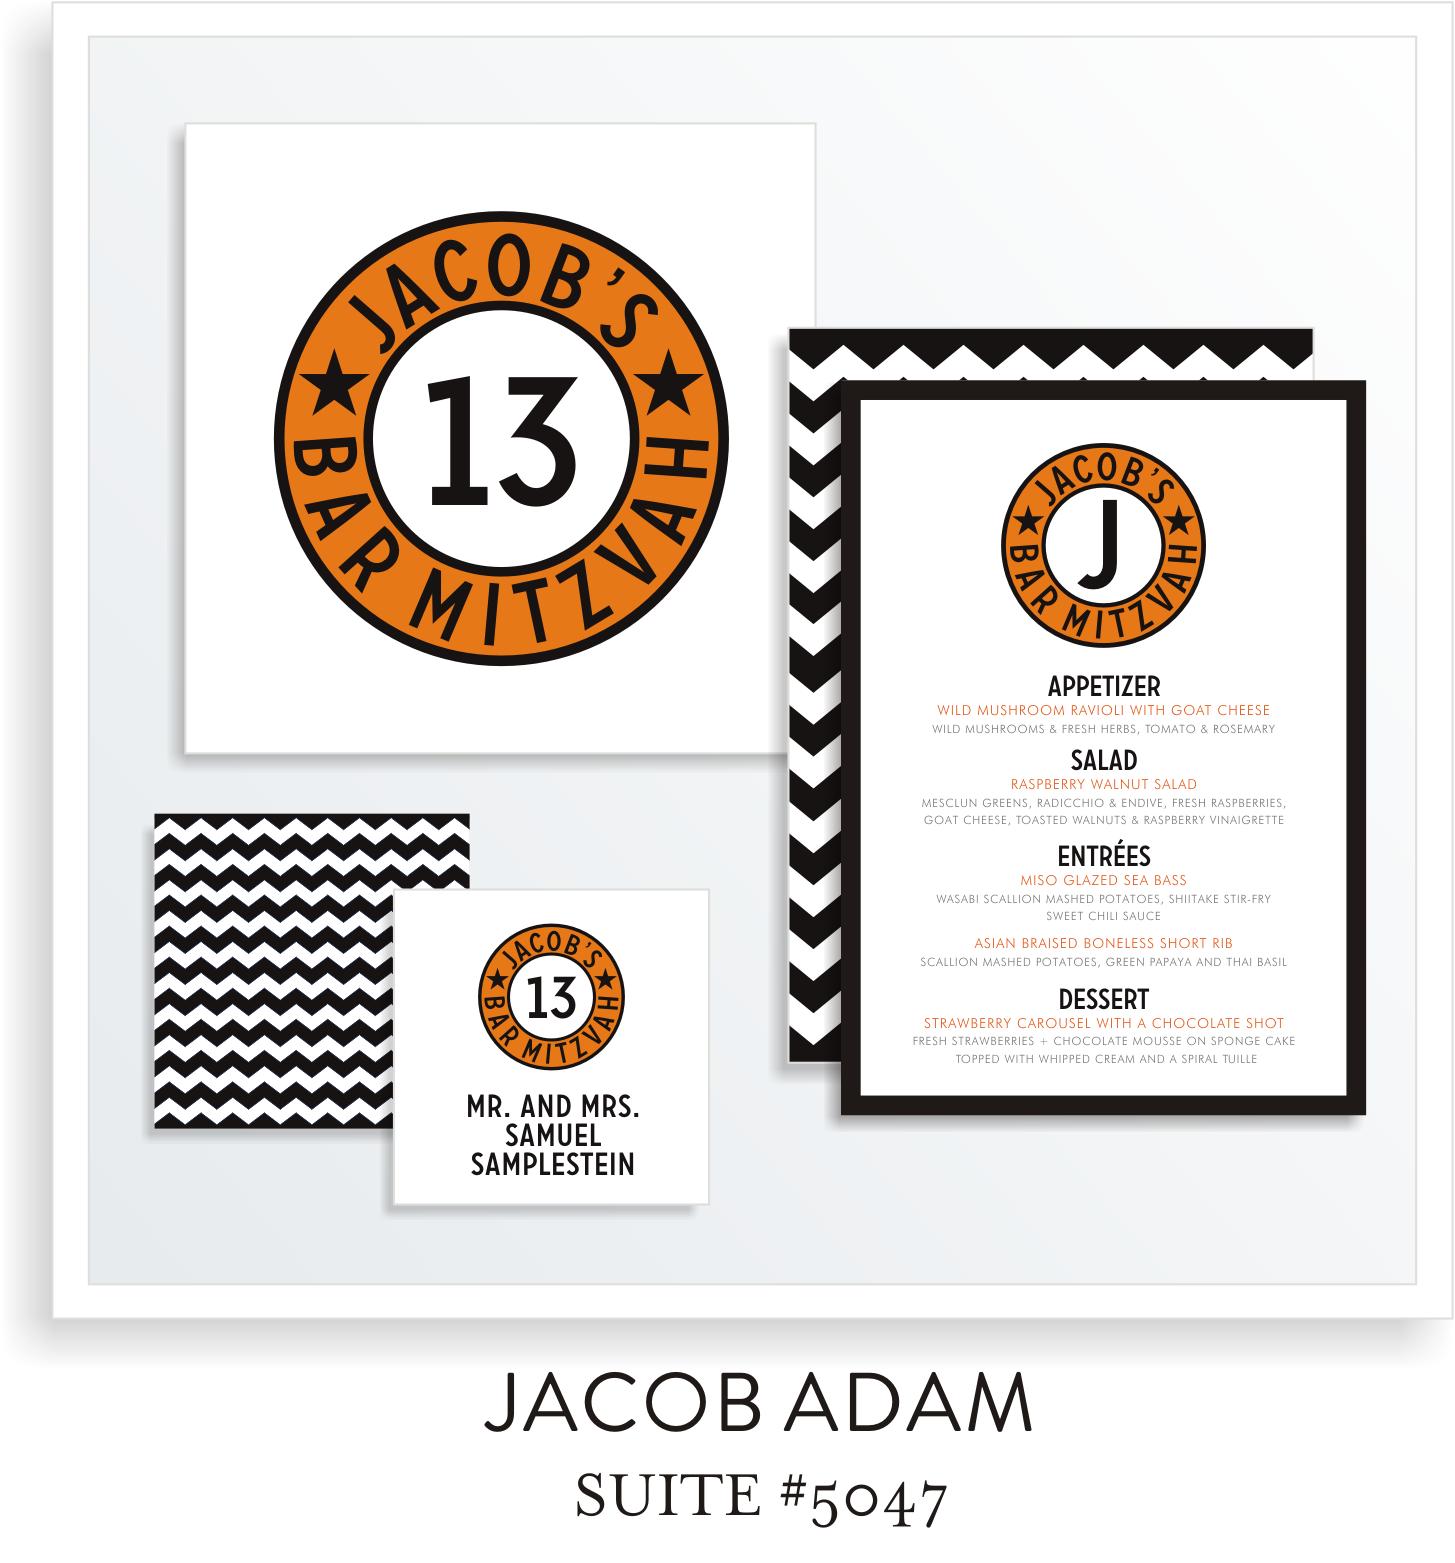 Table Top Decor Suite 5047 Jacob Adam